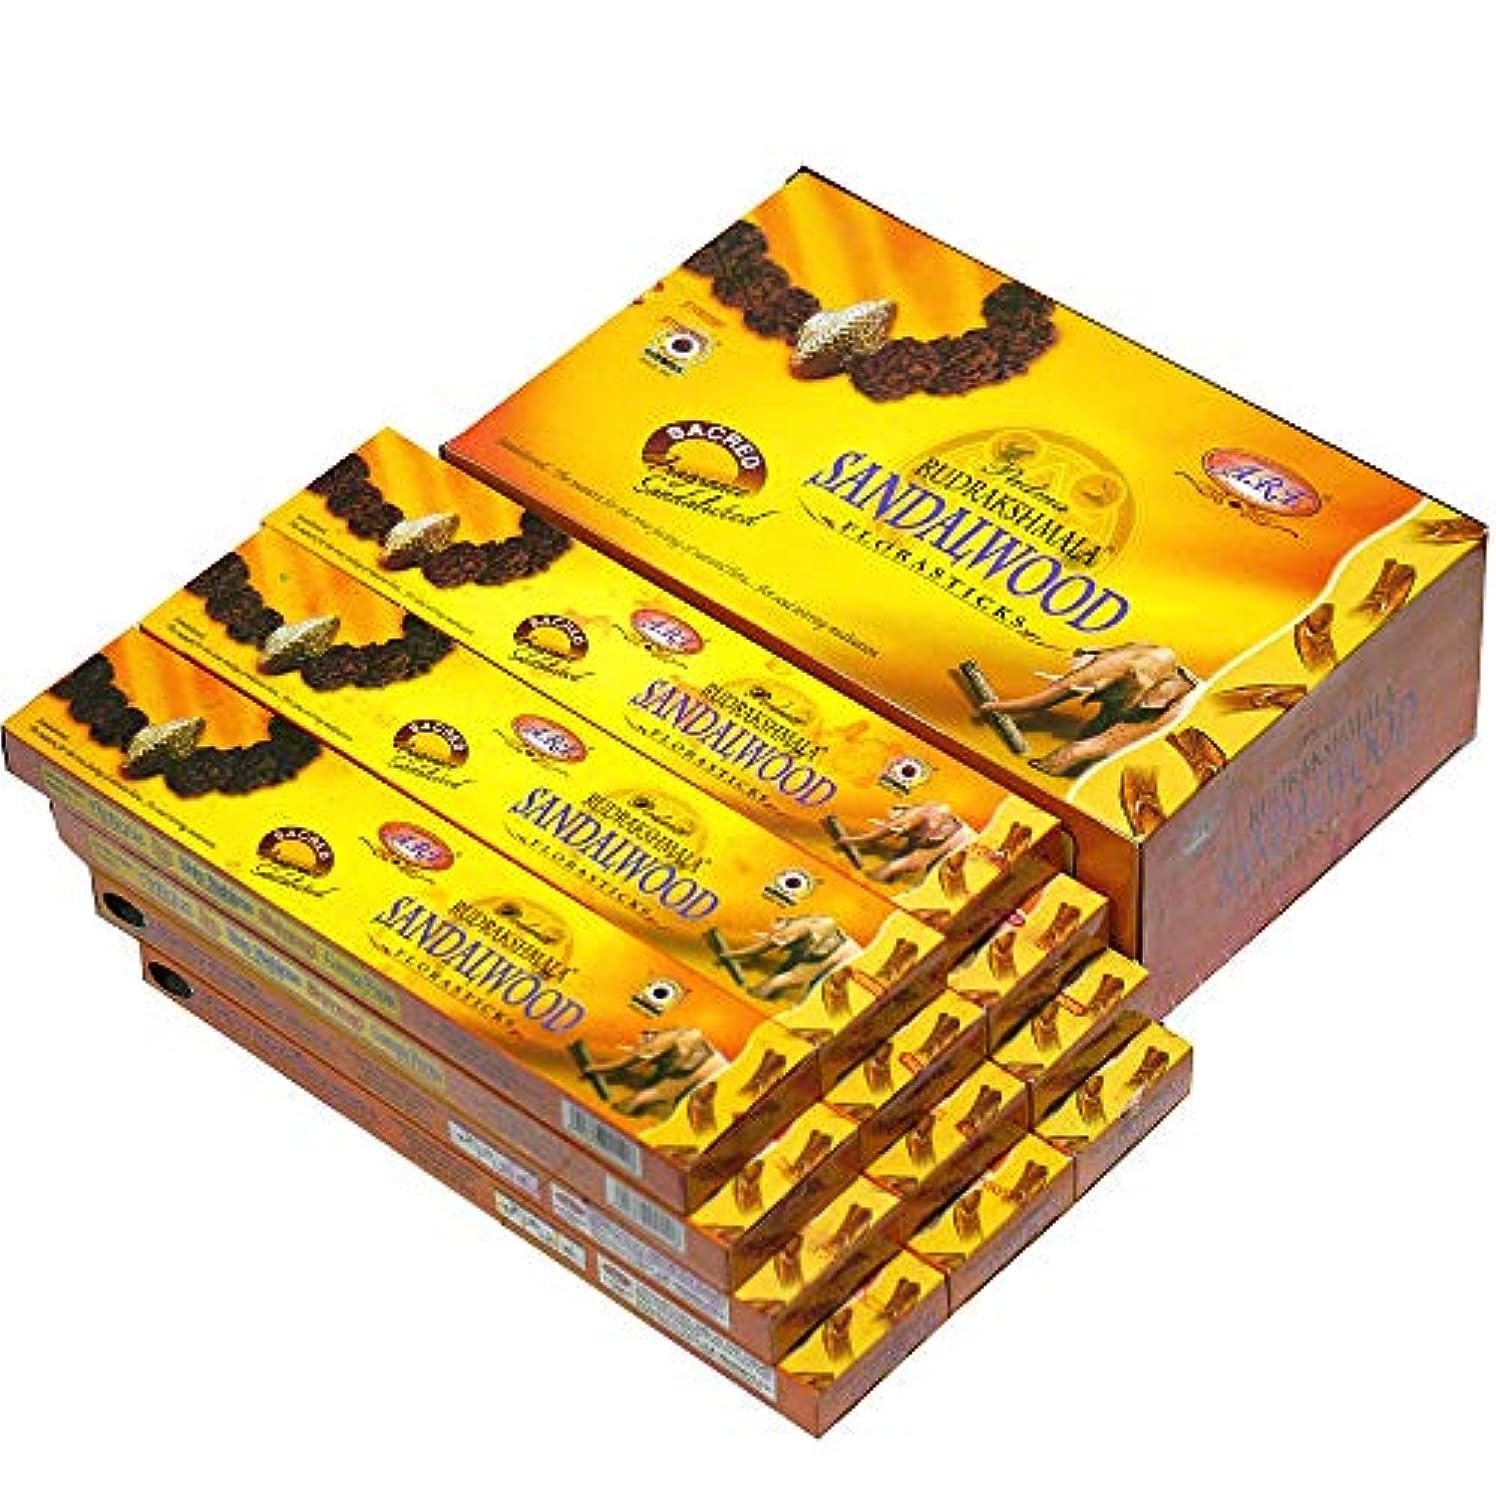 登山家盟主ポスト印象派PADMA(パドマー) RUDRAKSH ルドラクシャ香 スティック 12箱セット